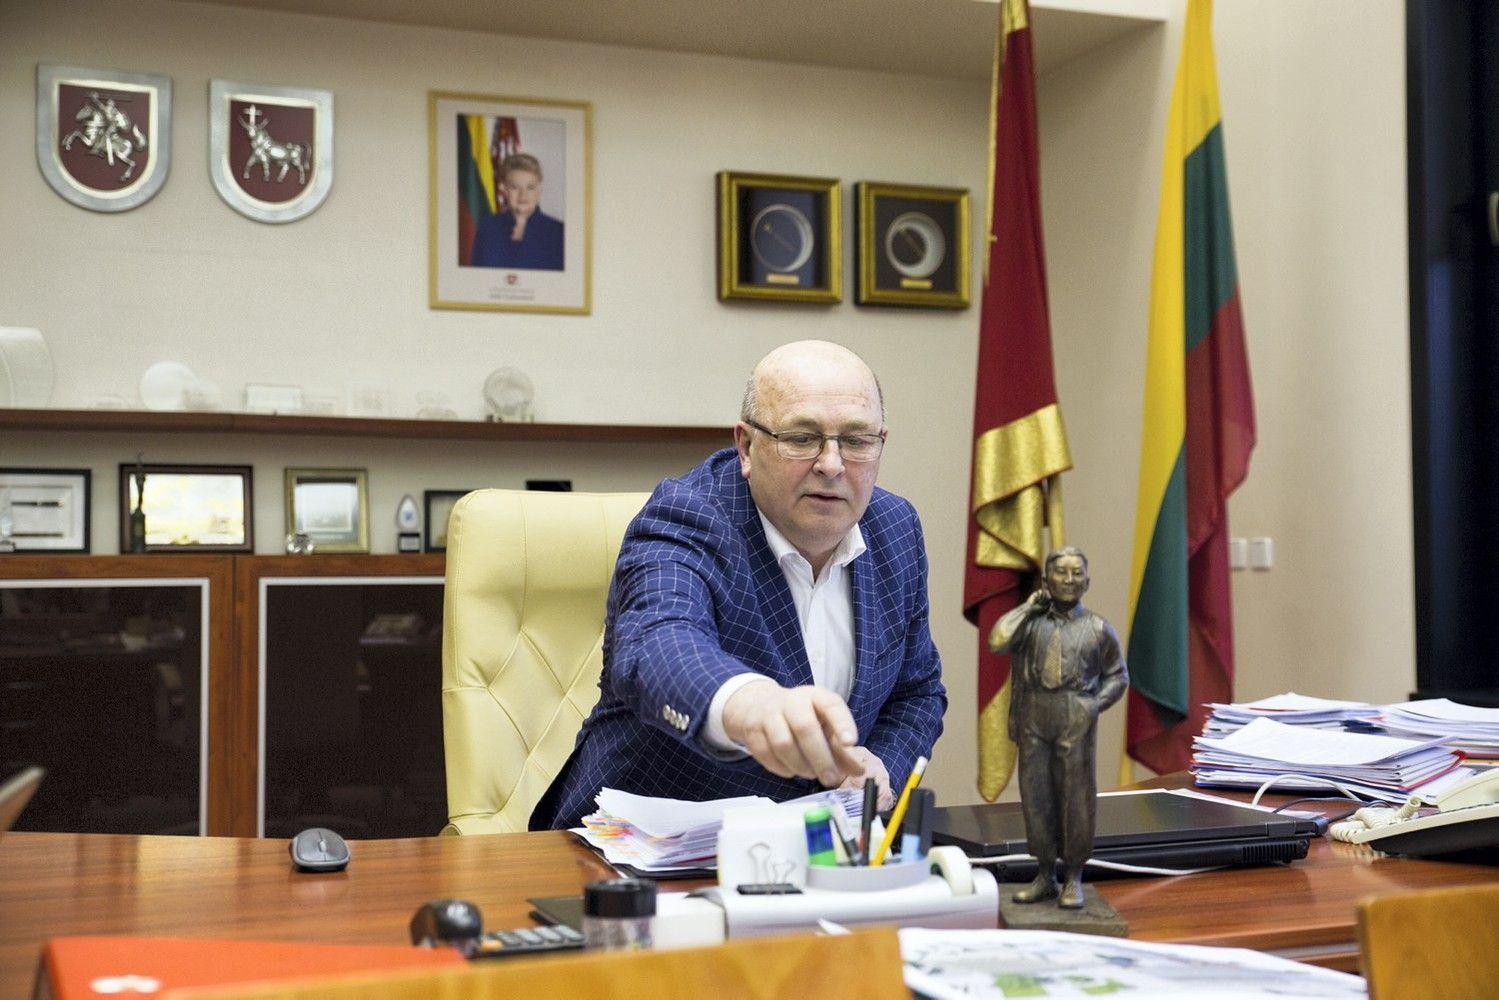 Kauno meras patvirtino nesieksiąs prezidento posto